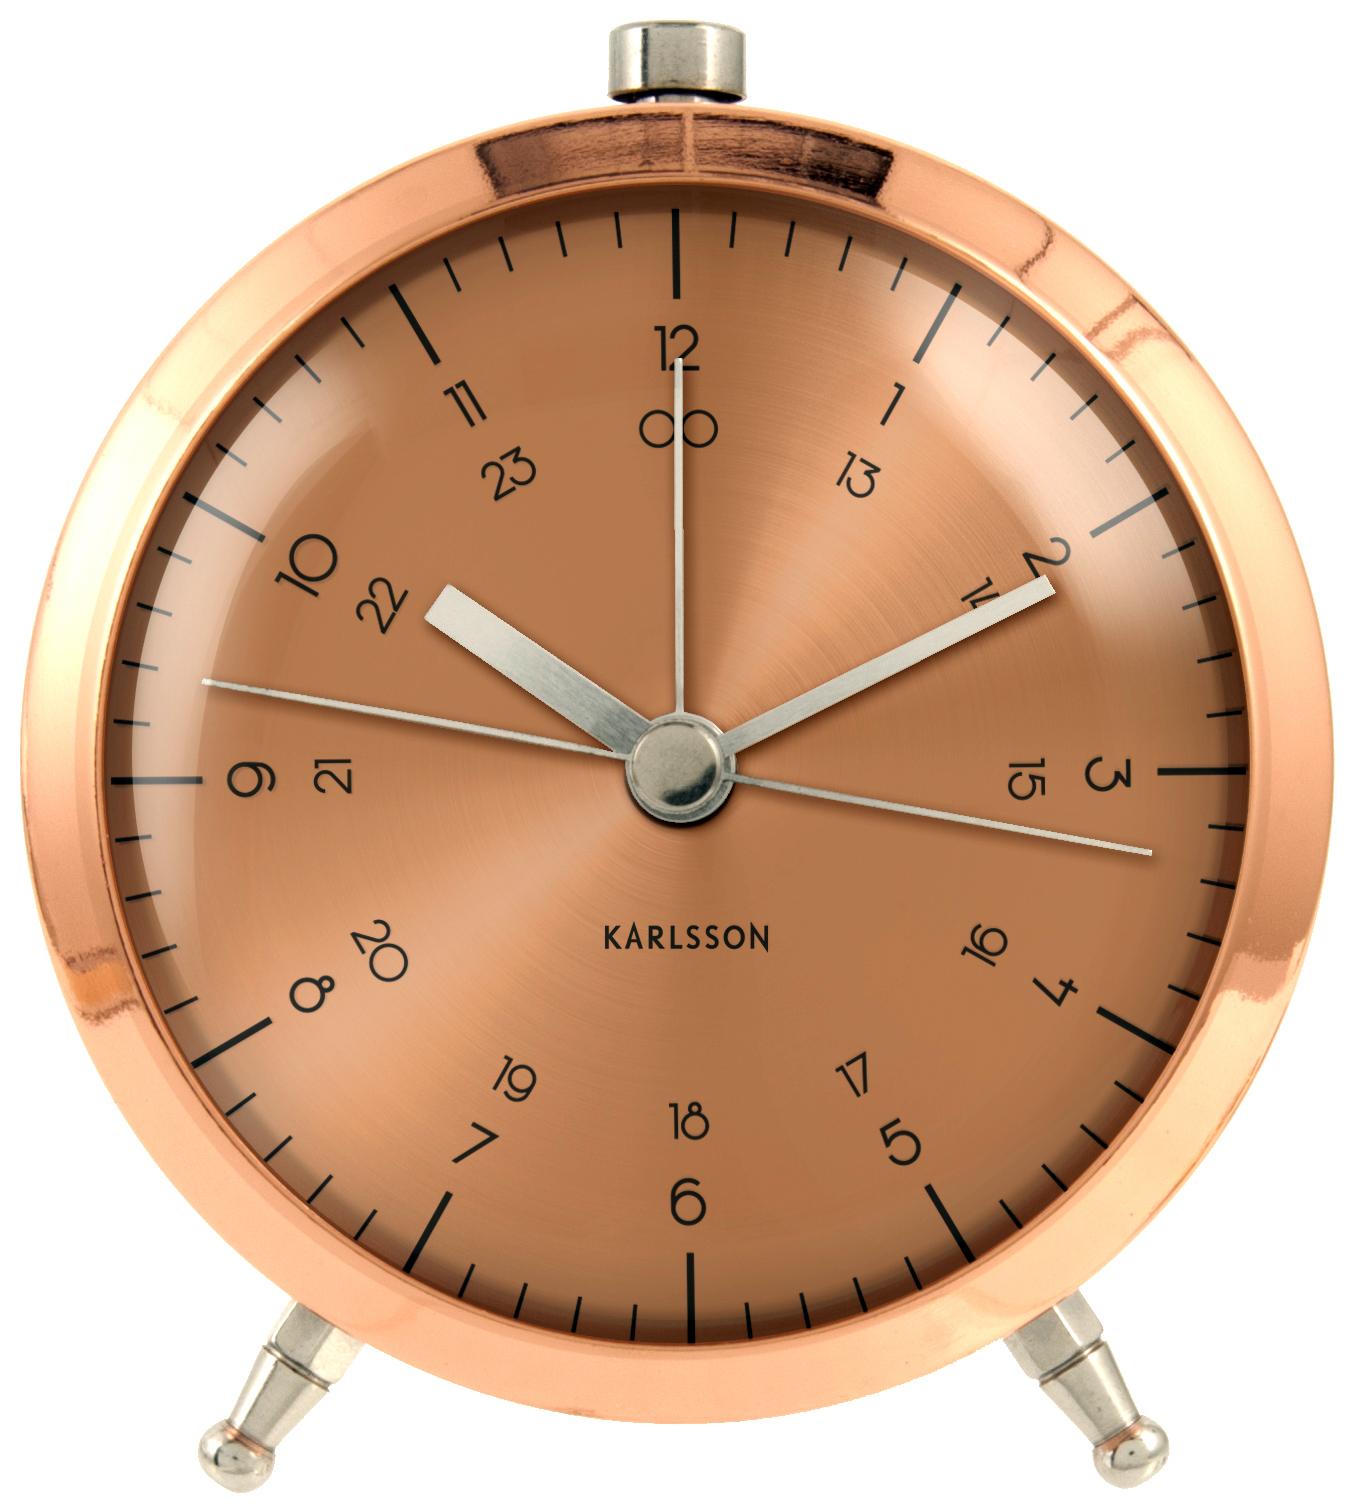 karlsson wecker button kupfer ka5599co jetzt auf www. Black Bedroom Furniture Sets. Home Design Ideas